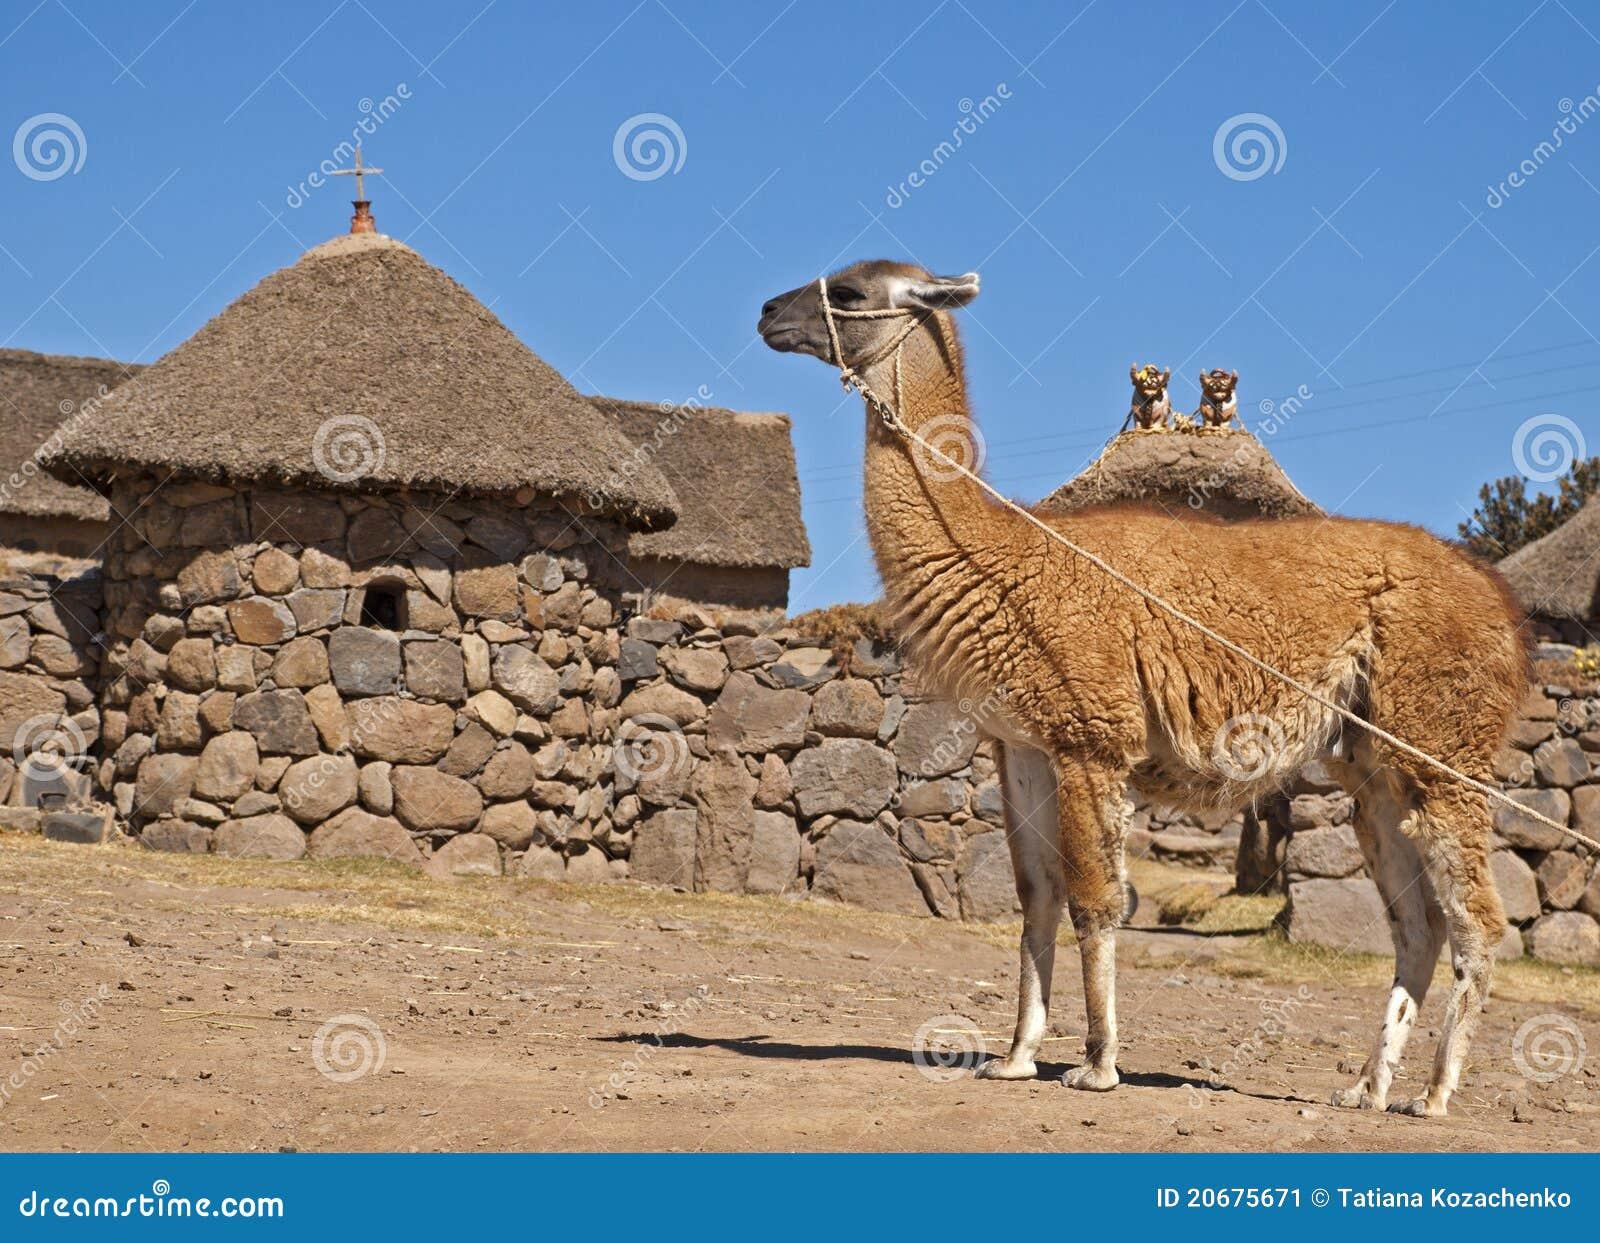 Llama-camello imagen de archivo. Imagen de salvaje, piel - 20675671